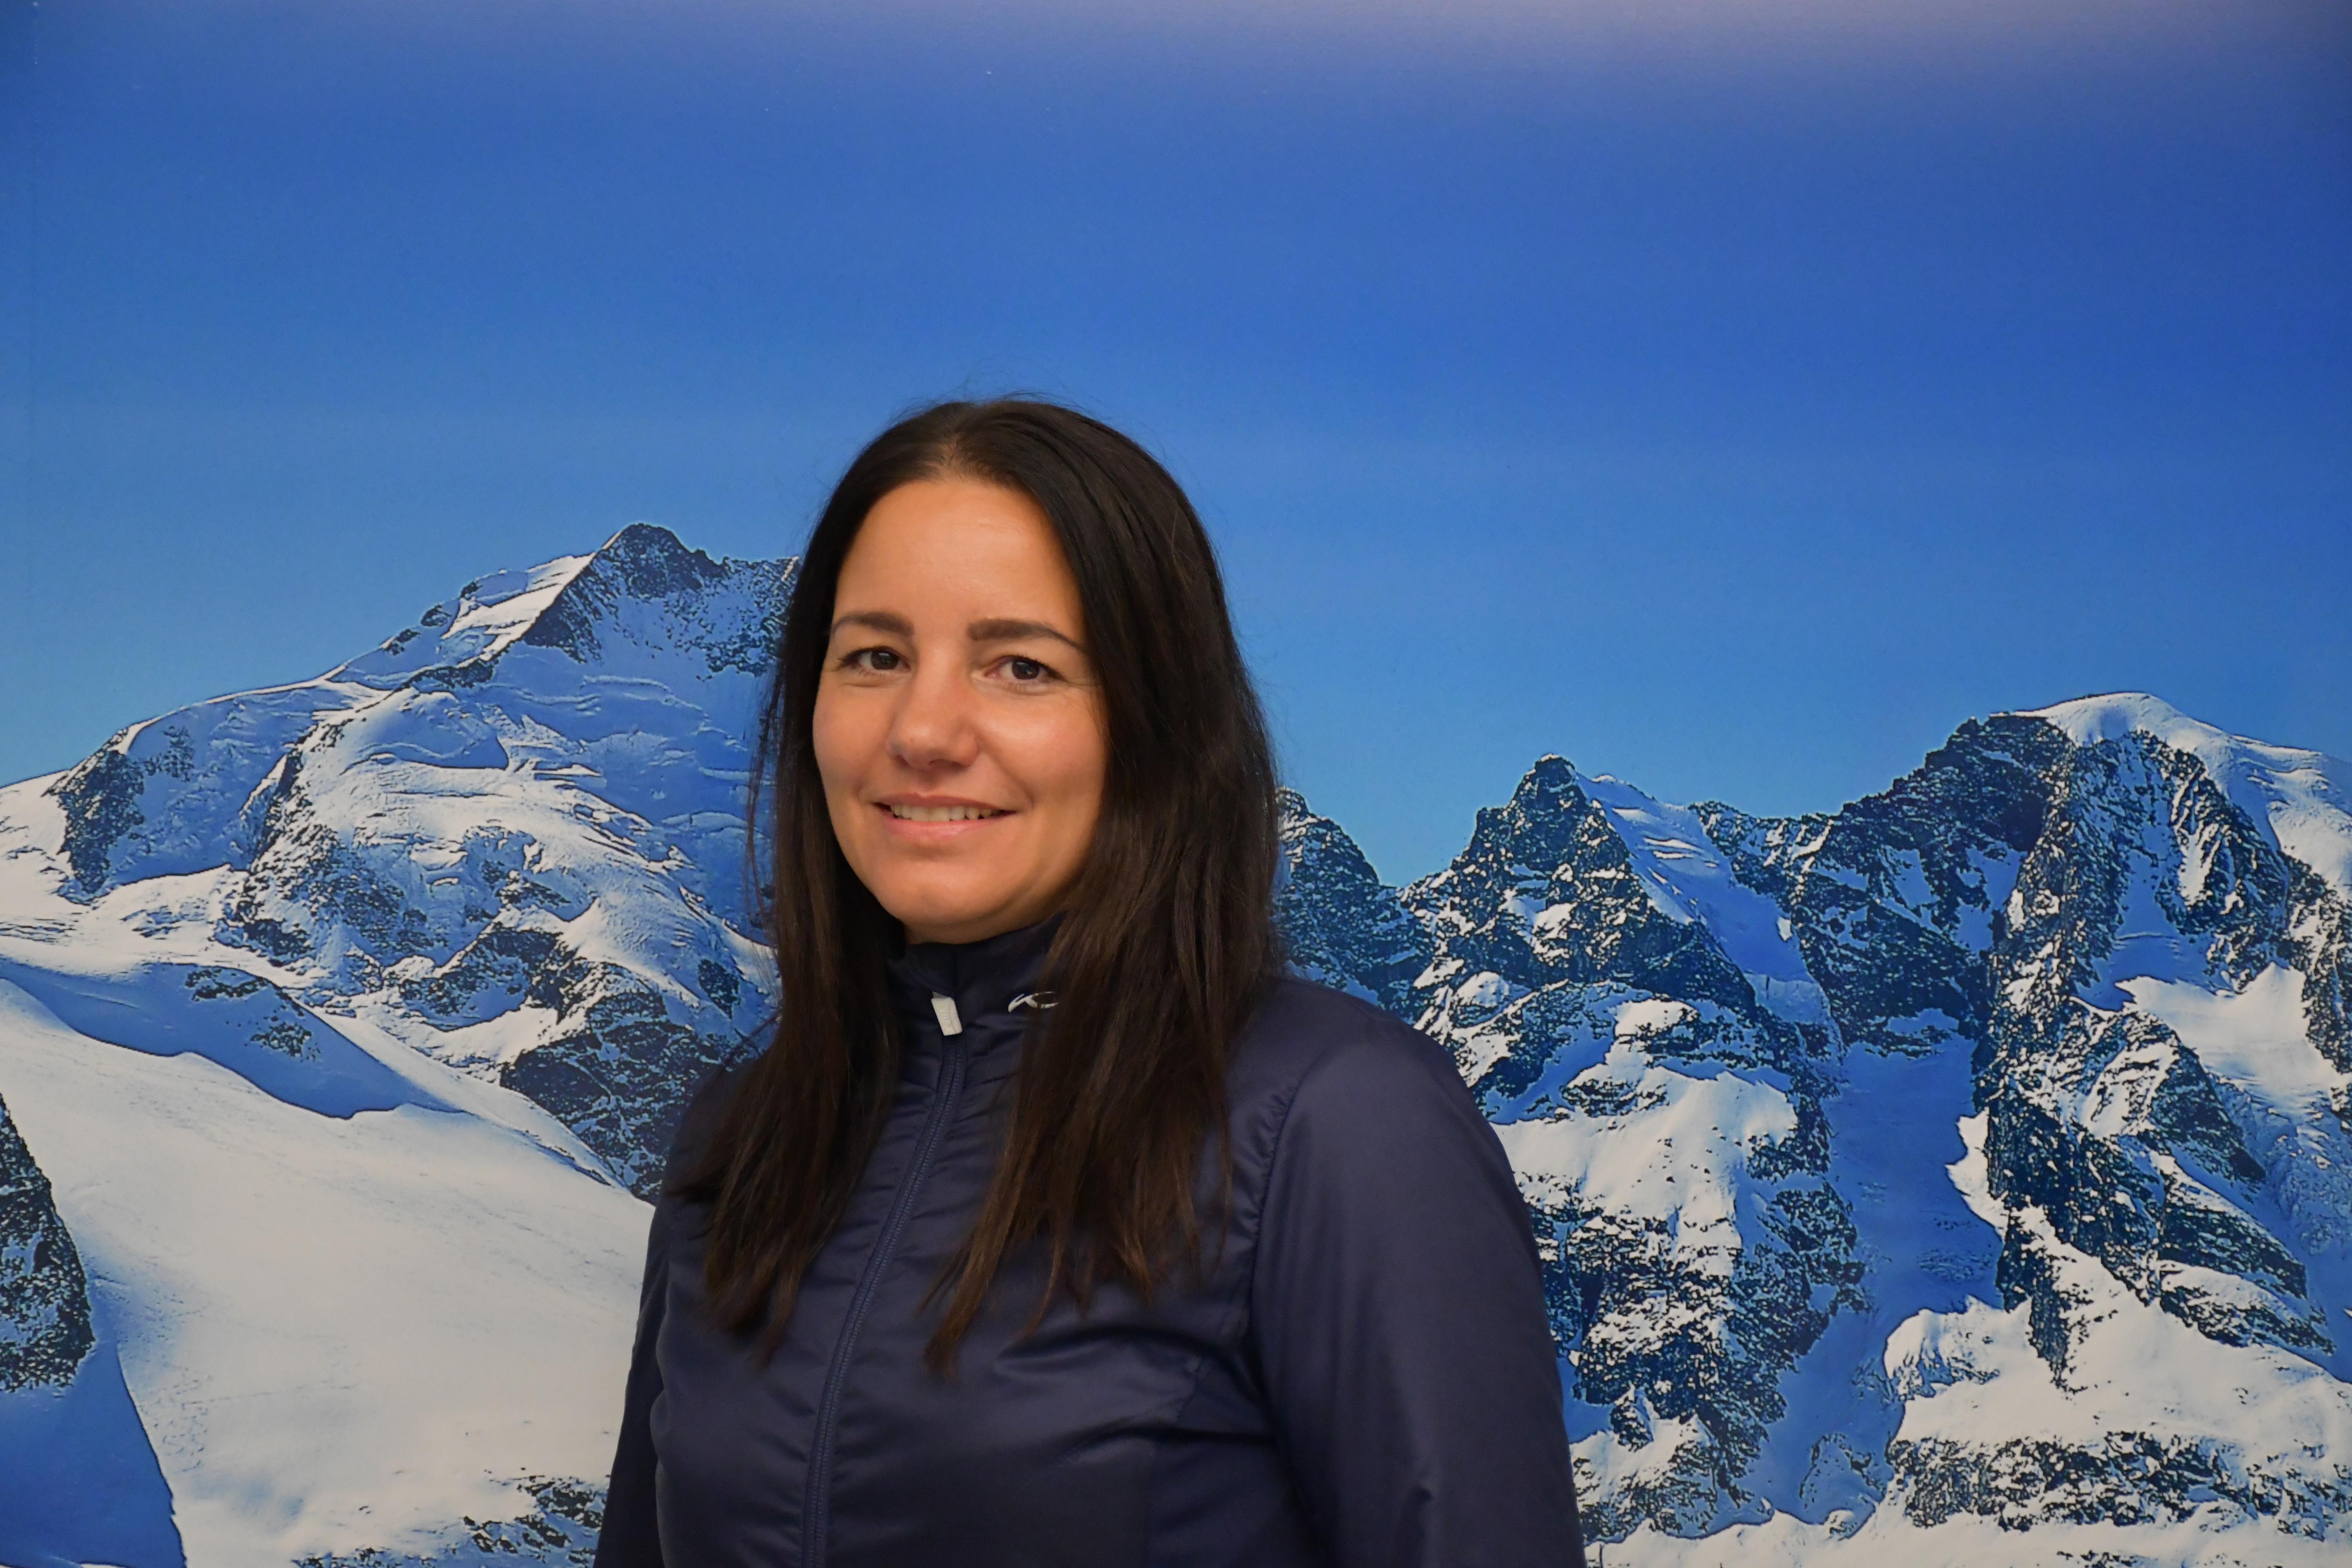 Marina Schneider